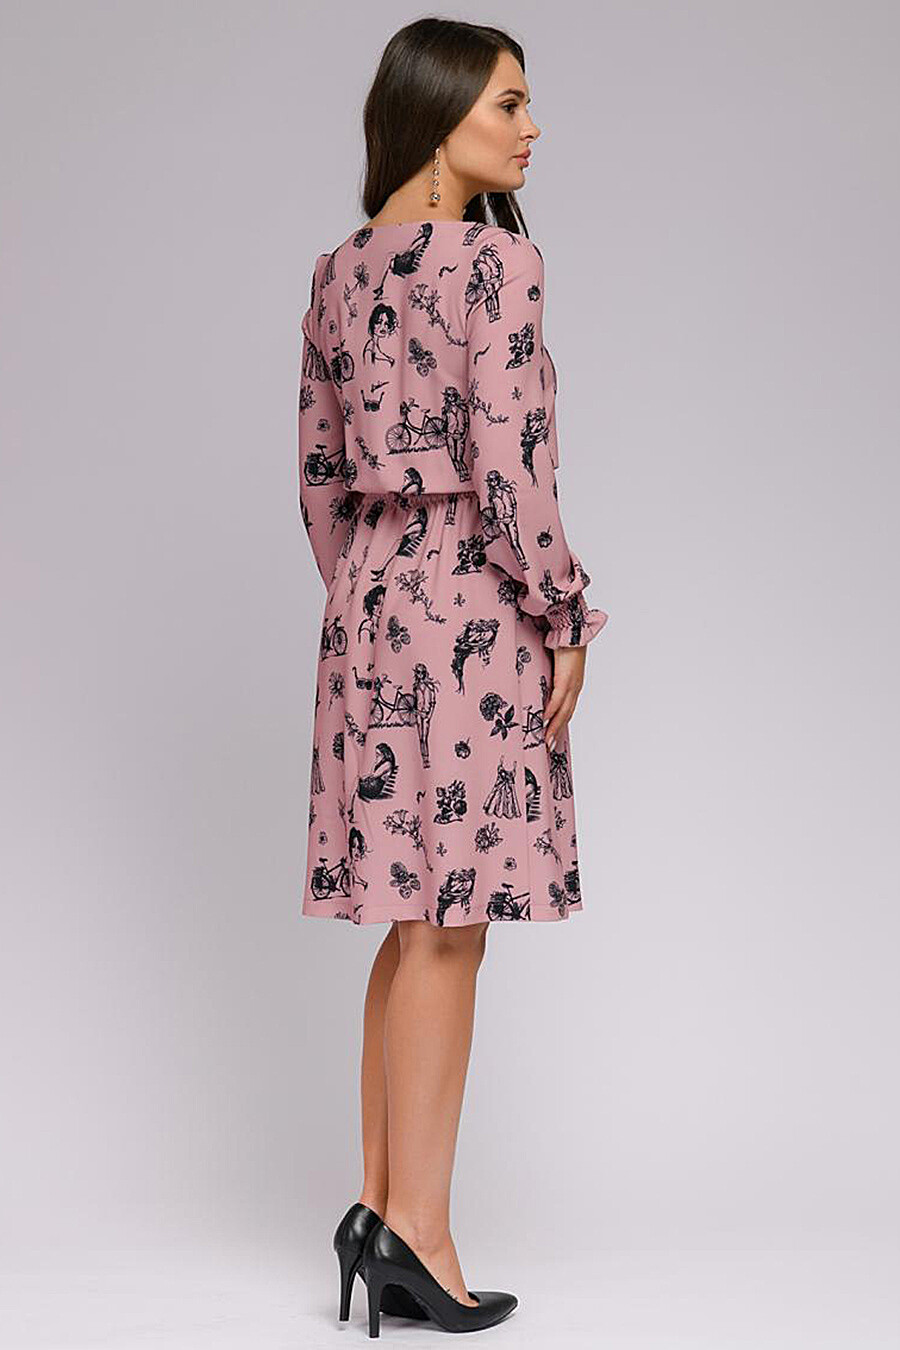 Платье для женщин 1001 DRESS 159053 купить оптом от производителя. Совместная покупка женской одежды в OptMoyo